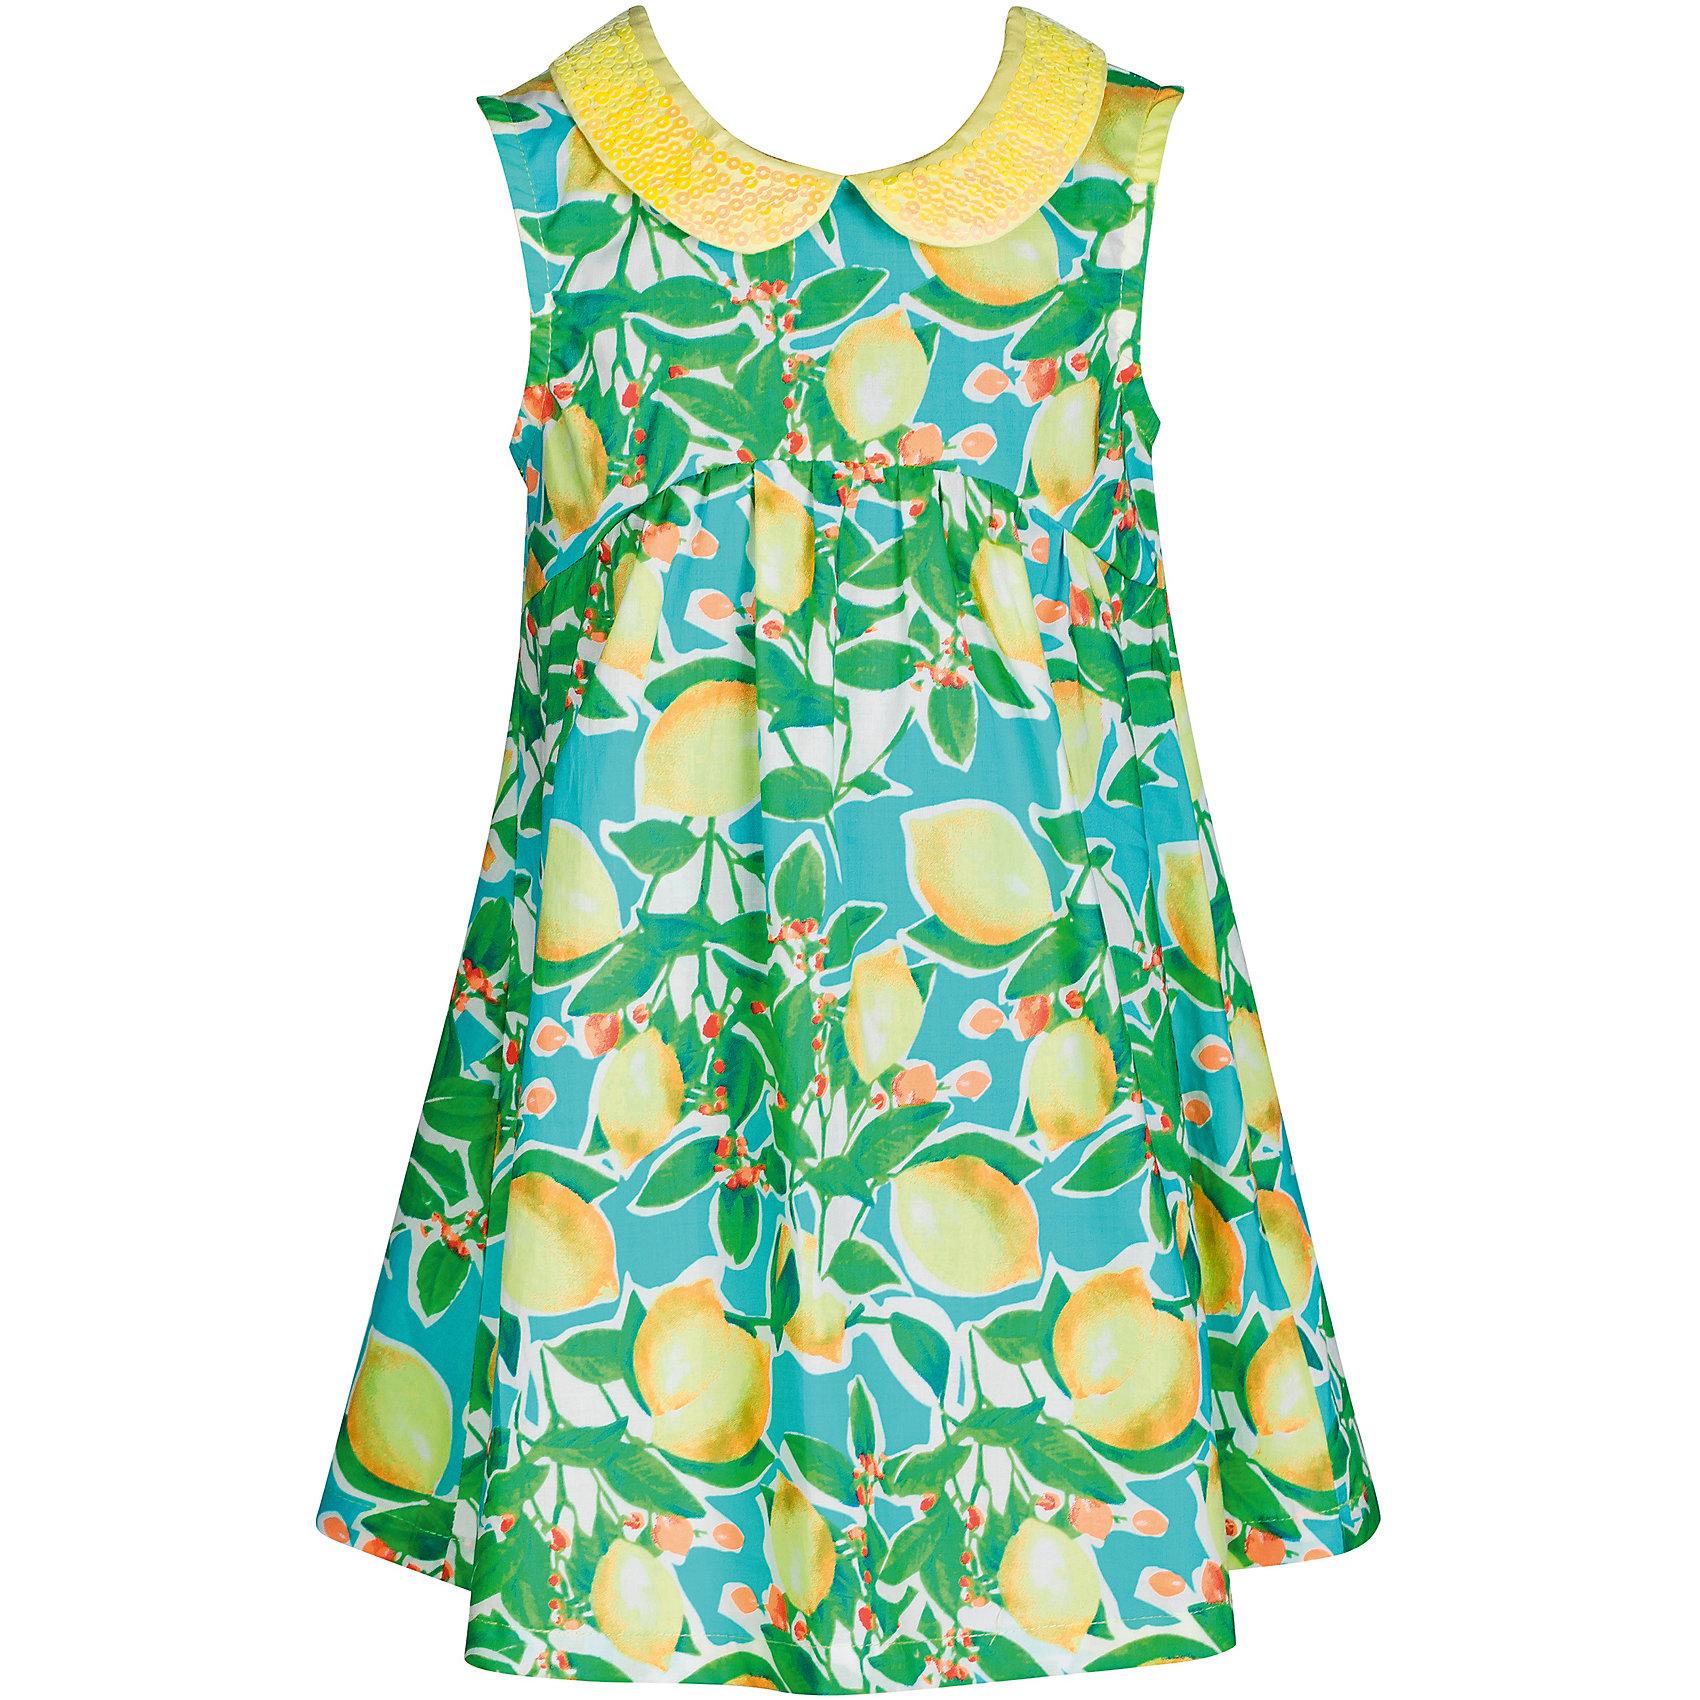 Платье для девочки Bell BimboПлатья и сарафаны<br>Платье для девочки от марки Bell Bimbo.<br>Платье с ярким принтом дополнено отложным воротником, украшенным пайетками, сзади застежка на молнии <br>Состав:<br>Поплин 100% хлопок<br><br>Ширина мм: 236<br>Глубина мм: 16<br>Высота мм: 184<br>Вес г: 177<br>Цвет: белый<br>Возраст от месяцев: 24<br>Возраст до месяцев: 36<br>Пол: Женский<br>Возраст: Детский<br>Размер: 98,104,110,122,116<br>SKU: 4578582